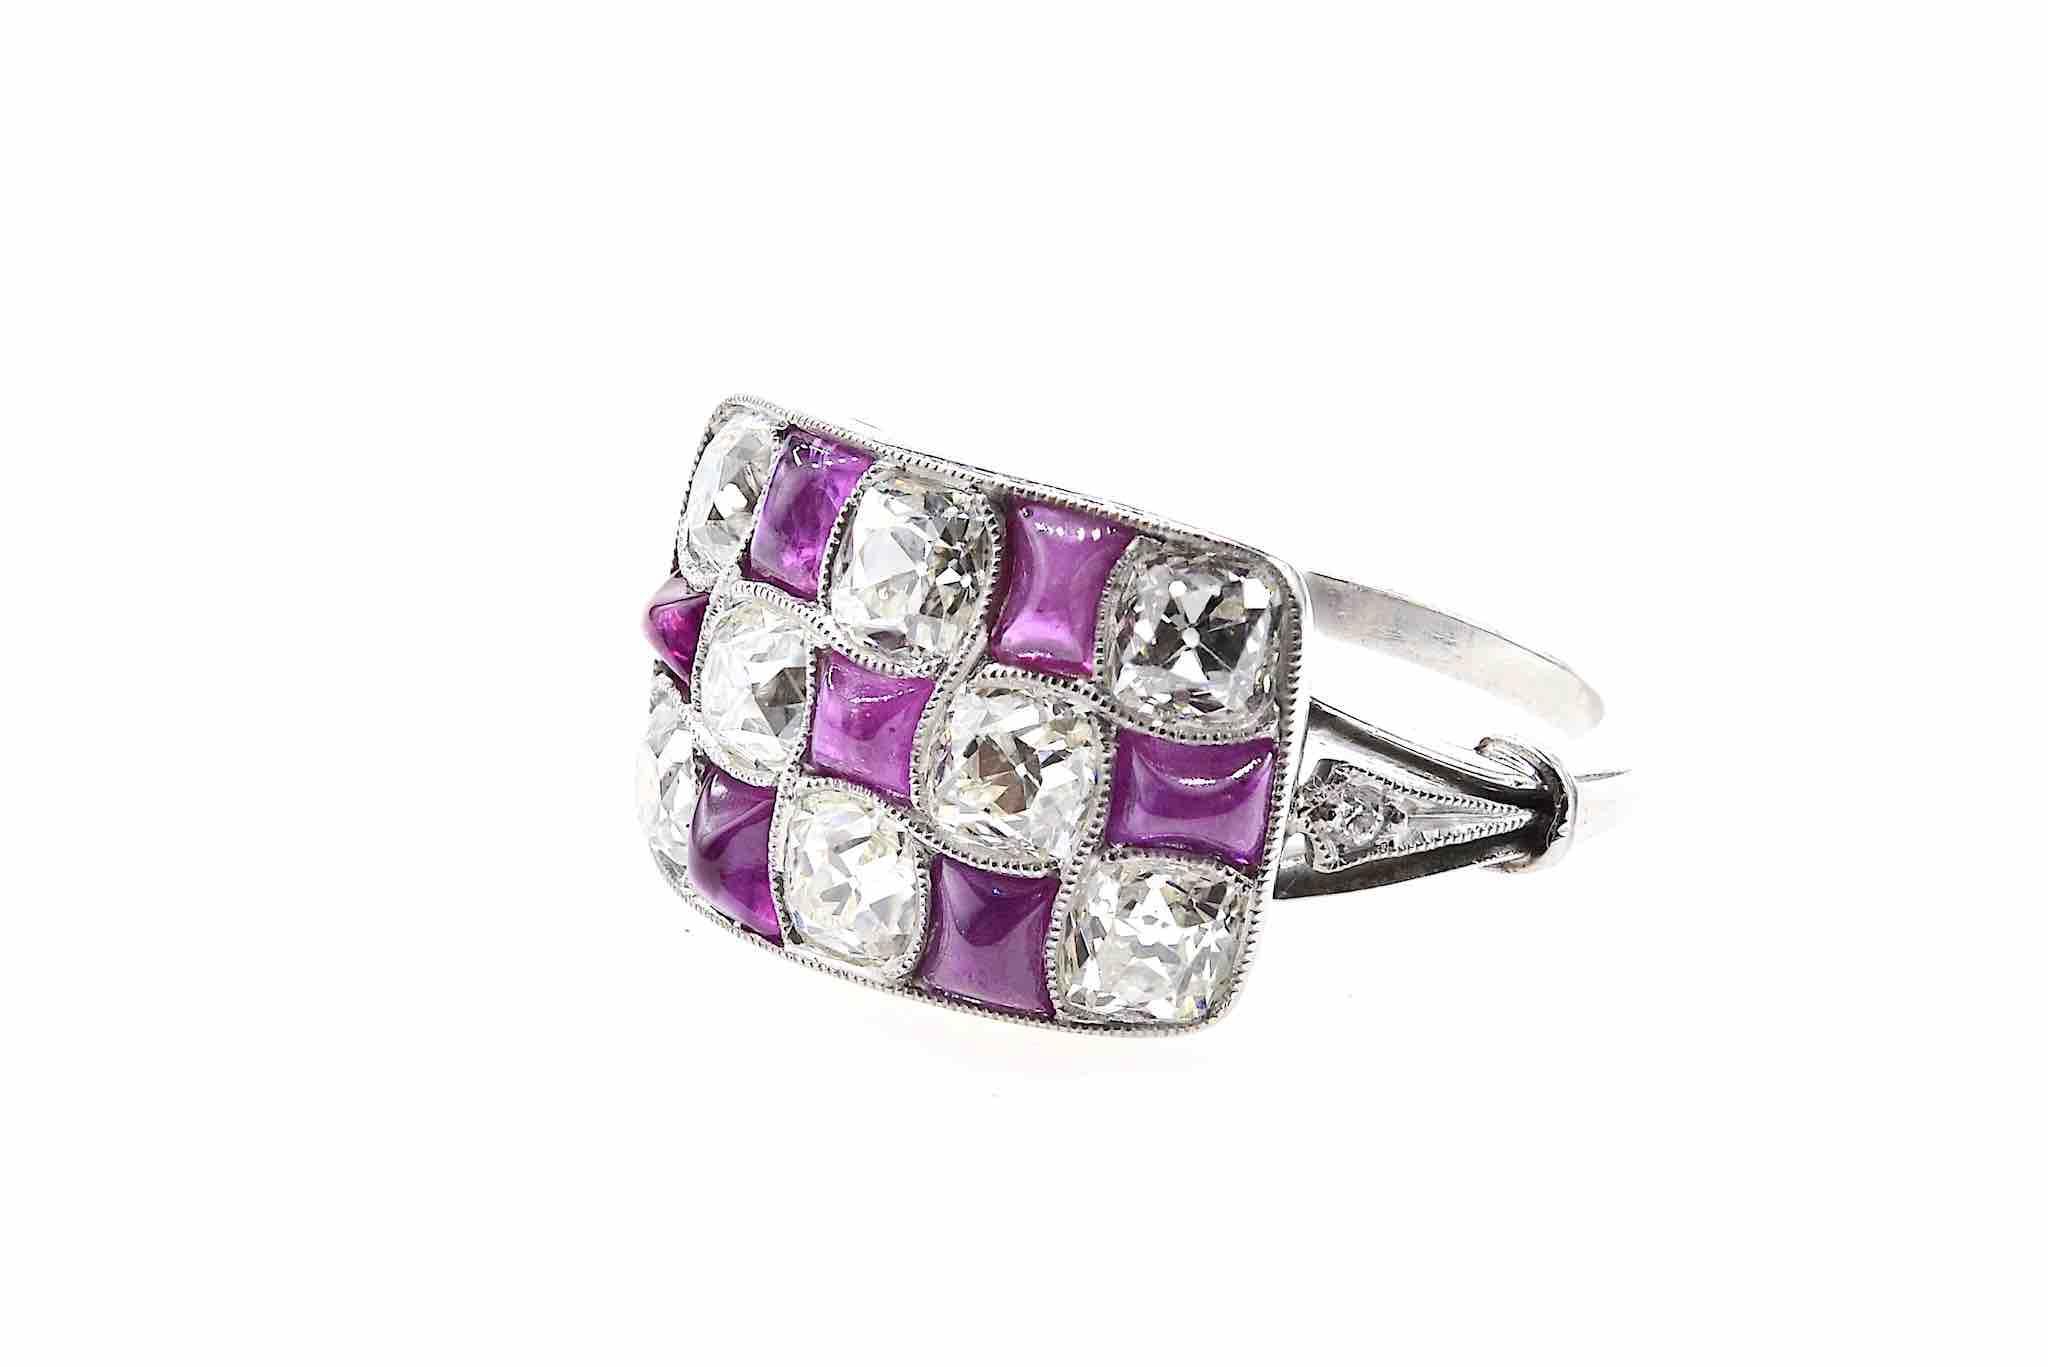 bague rubis et diamants de style art déco